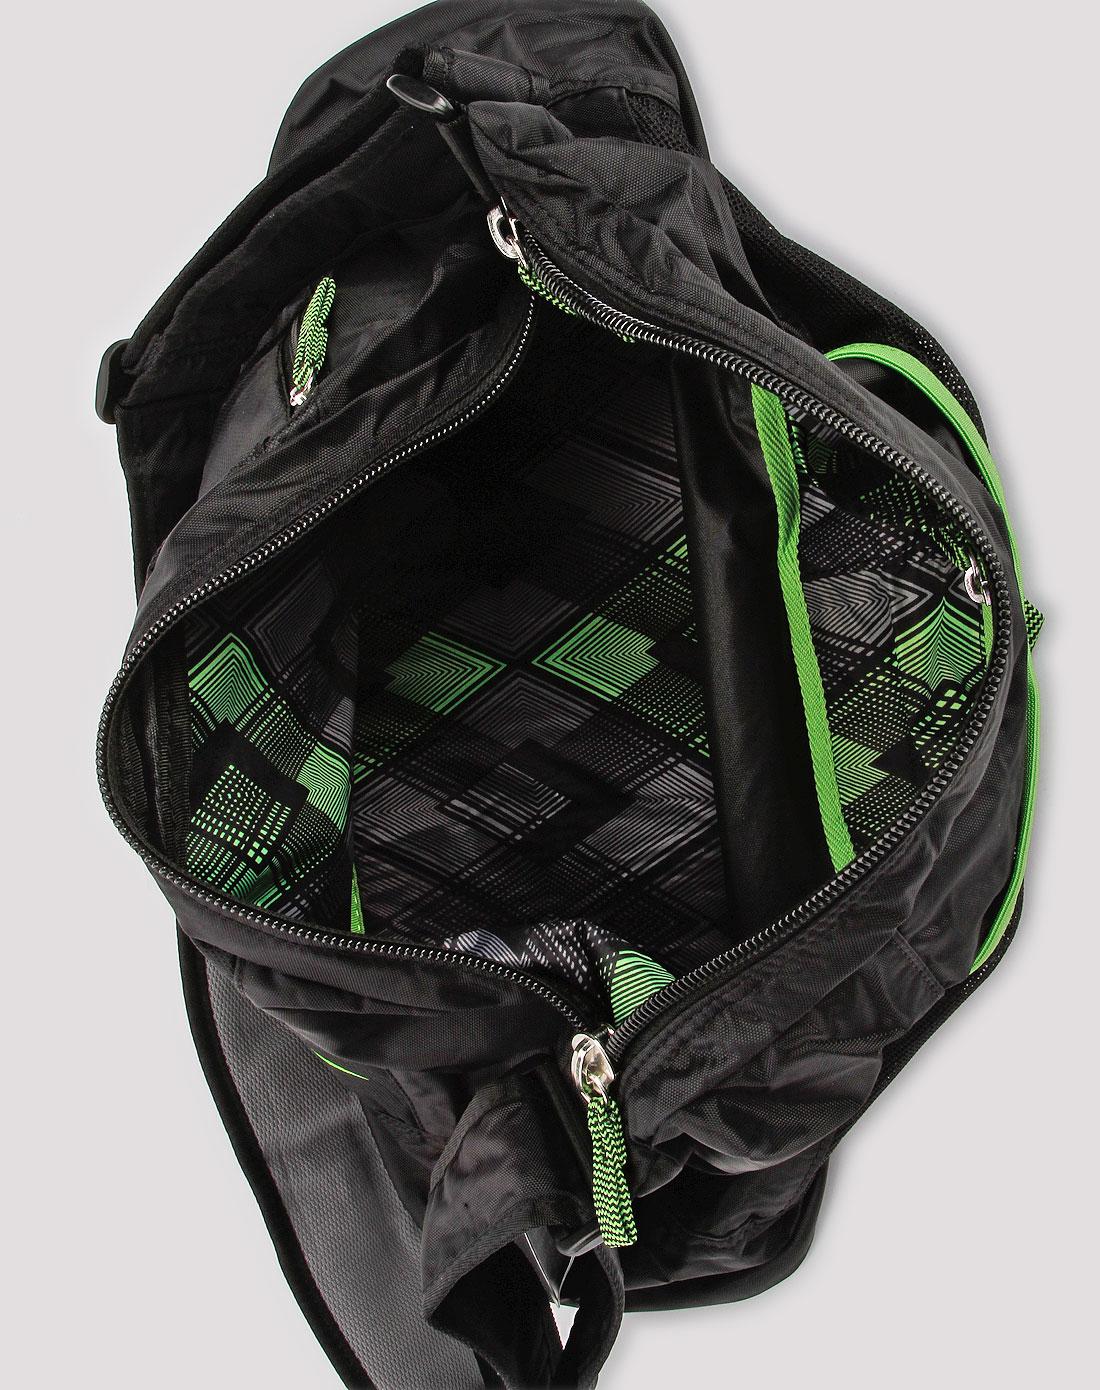 耐克nike-包包中性黑色时尚斜挎肩背包